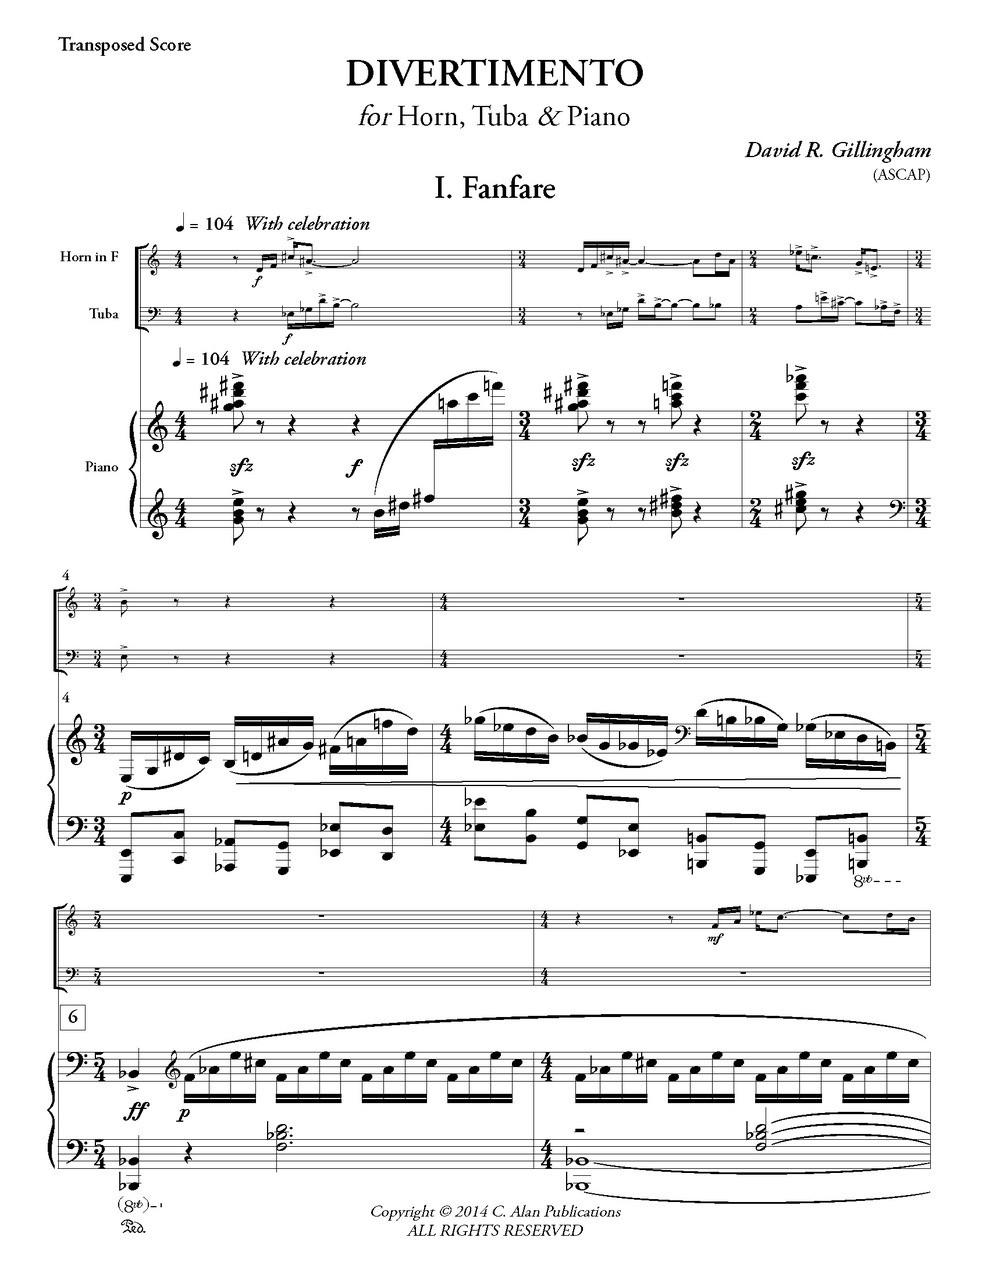 Divertimento for Horn, Tuba & Piano